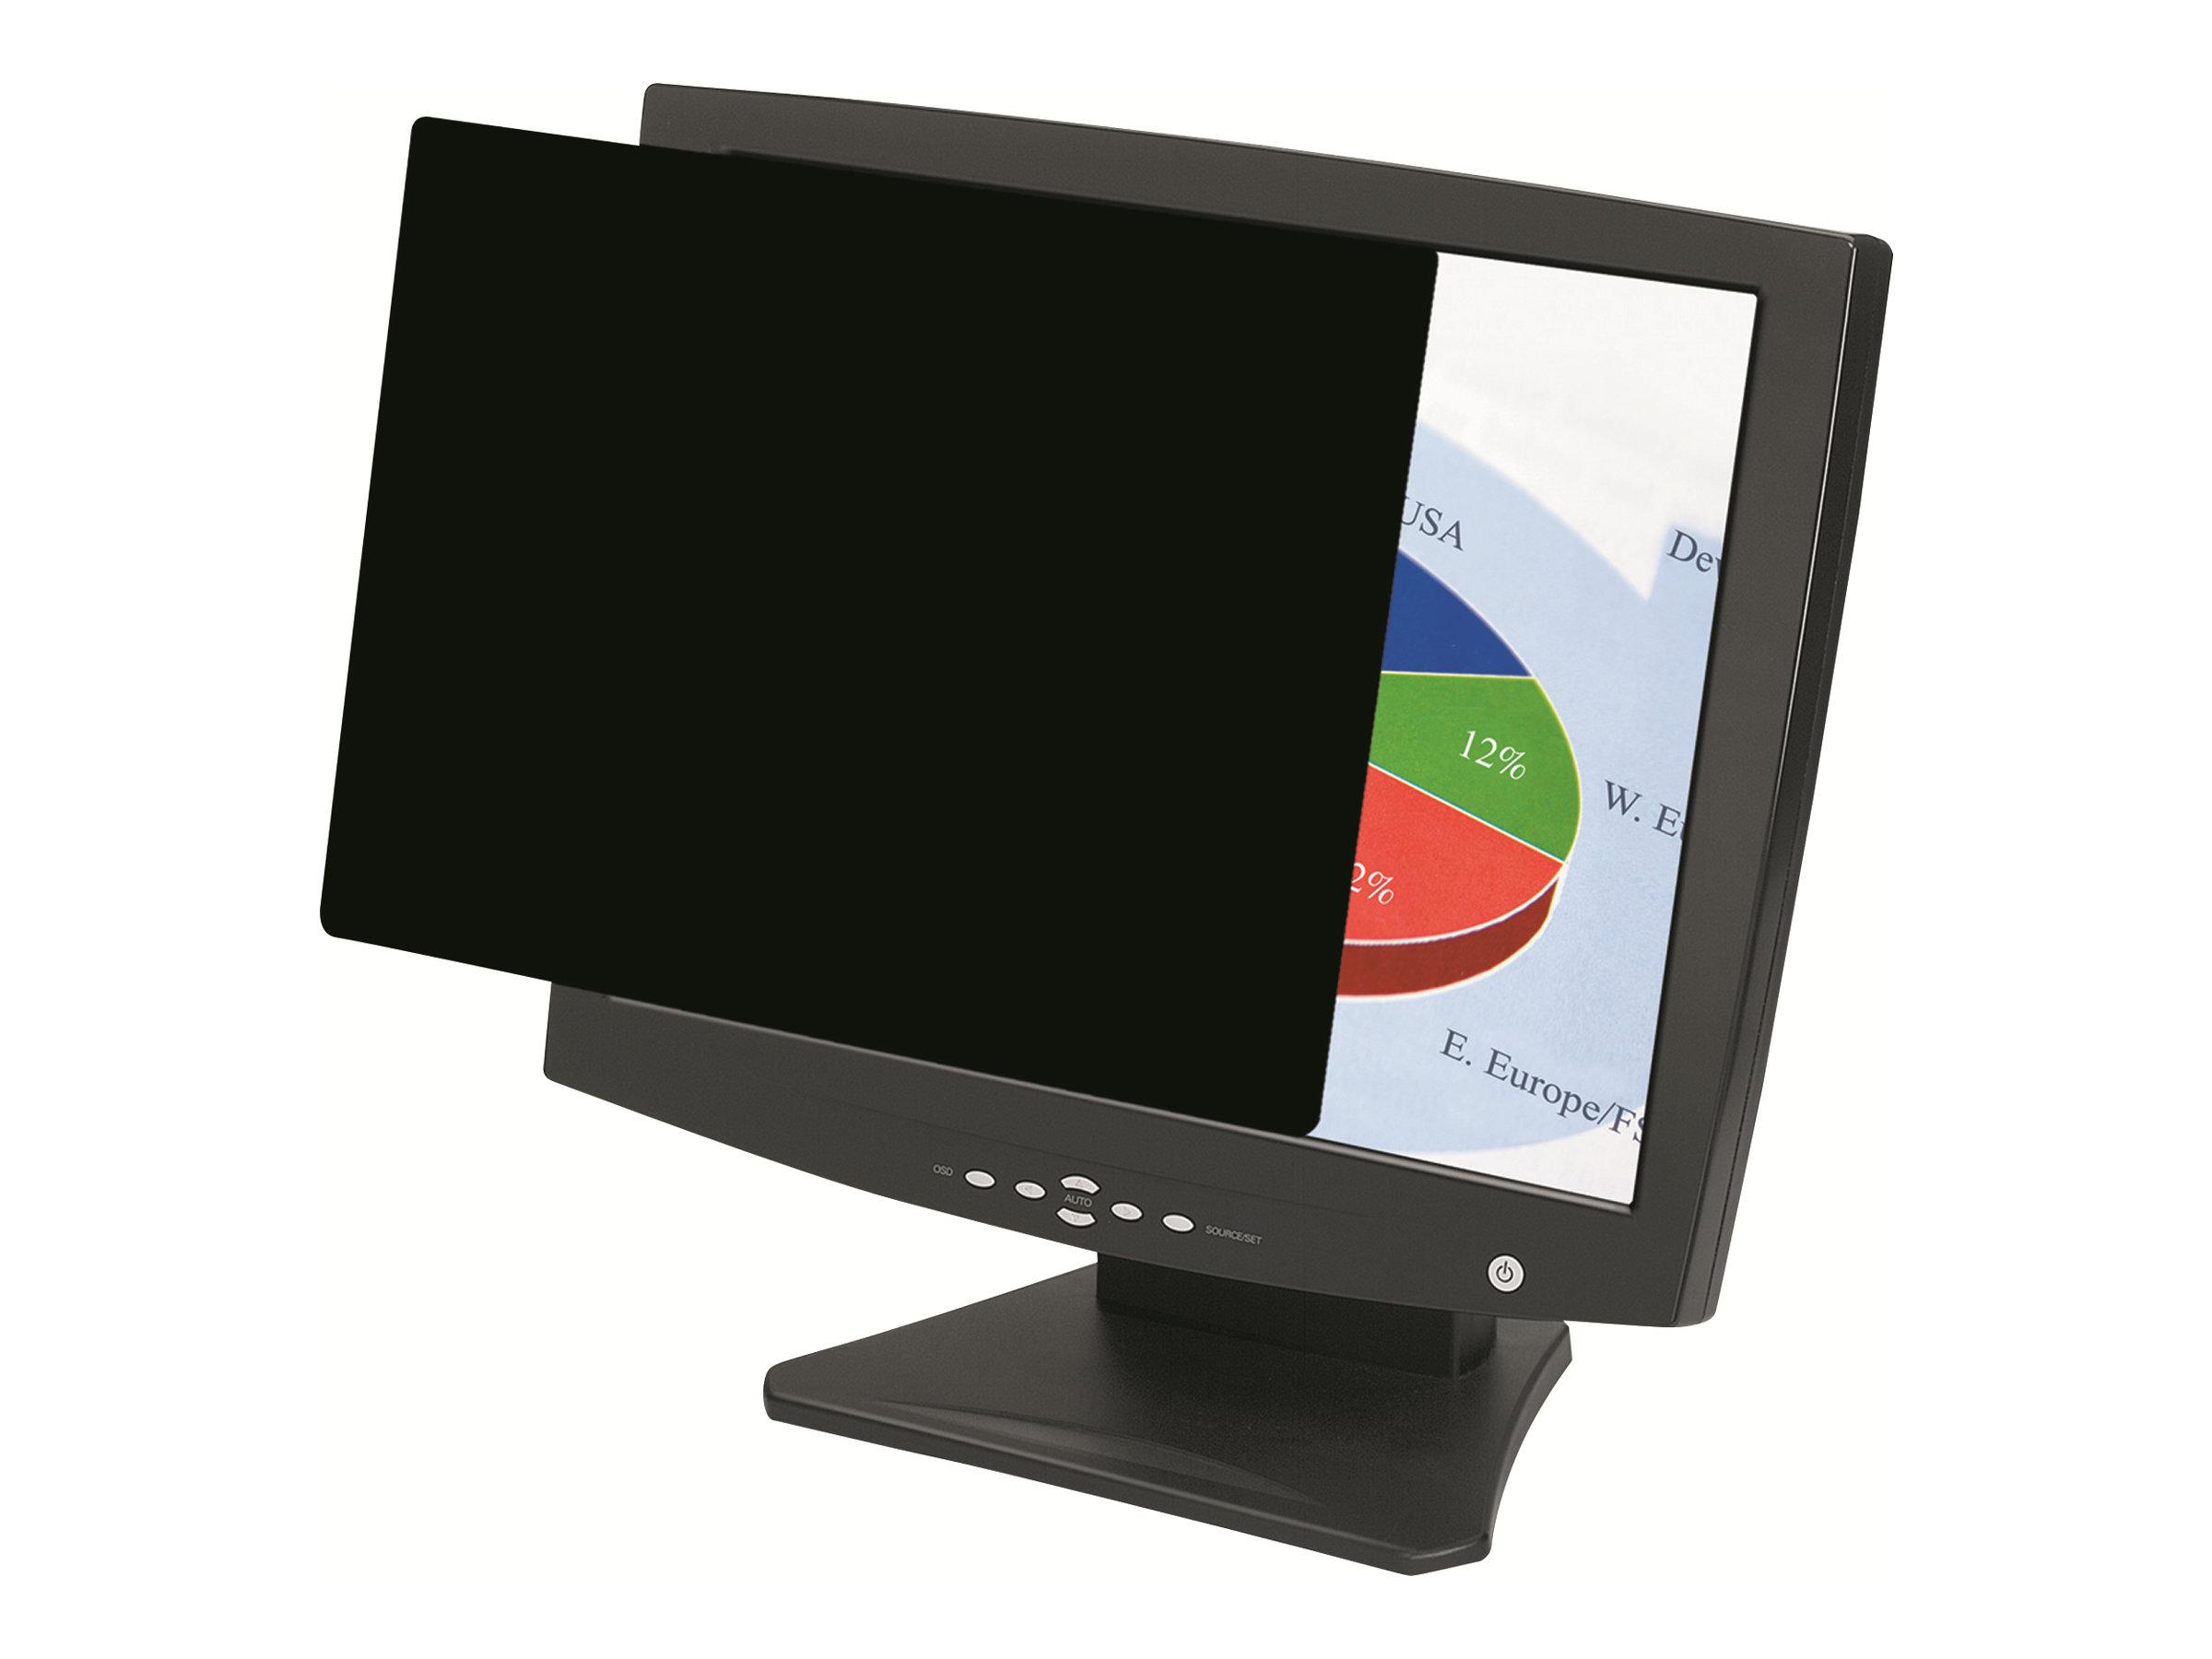 Fellowes PrivaScreen Blackout - Blickschutzfilter für Bildschirme - 43,2 cm Breitbild (17 Zoll Breitbild)